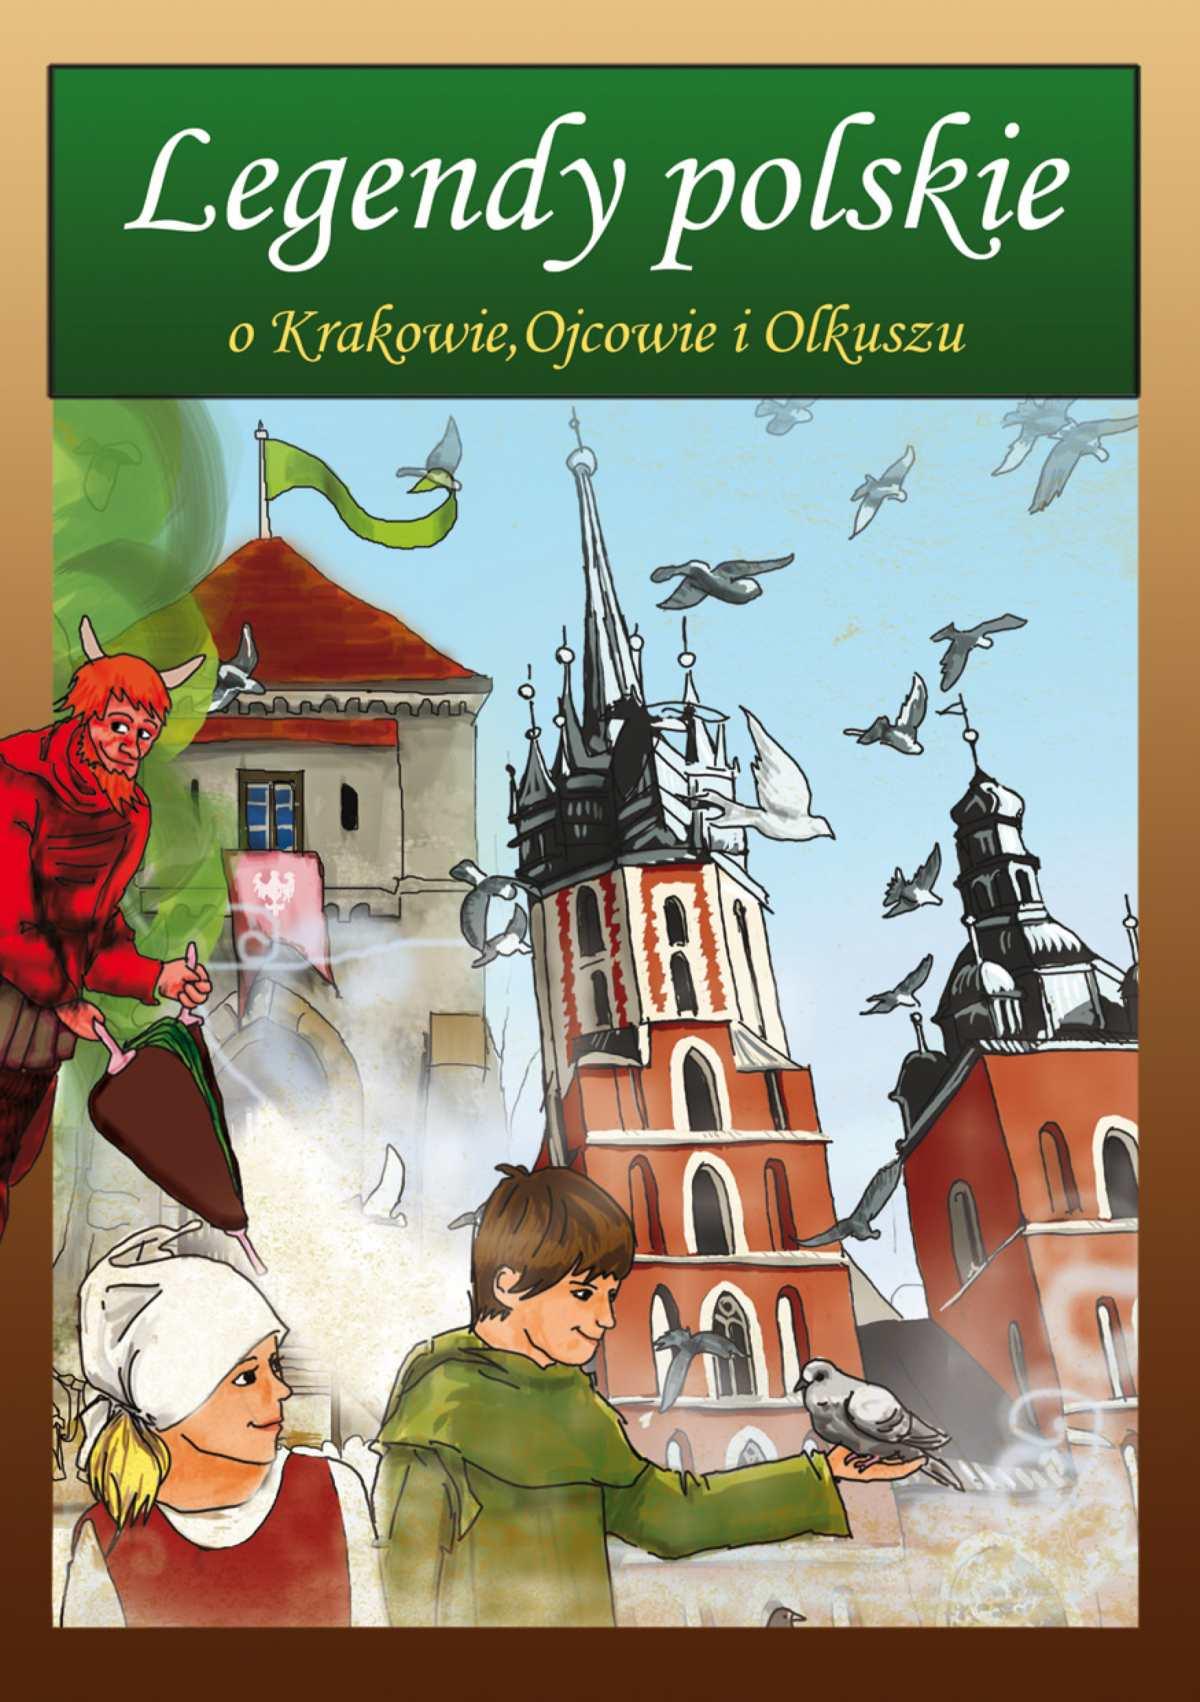 Legendy polskie o Krakowie, Ojcowie i Olkuszu - Ebook (Książka PDF) do pobrania w formacie PDF